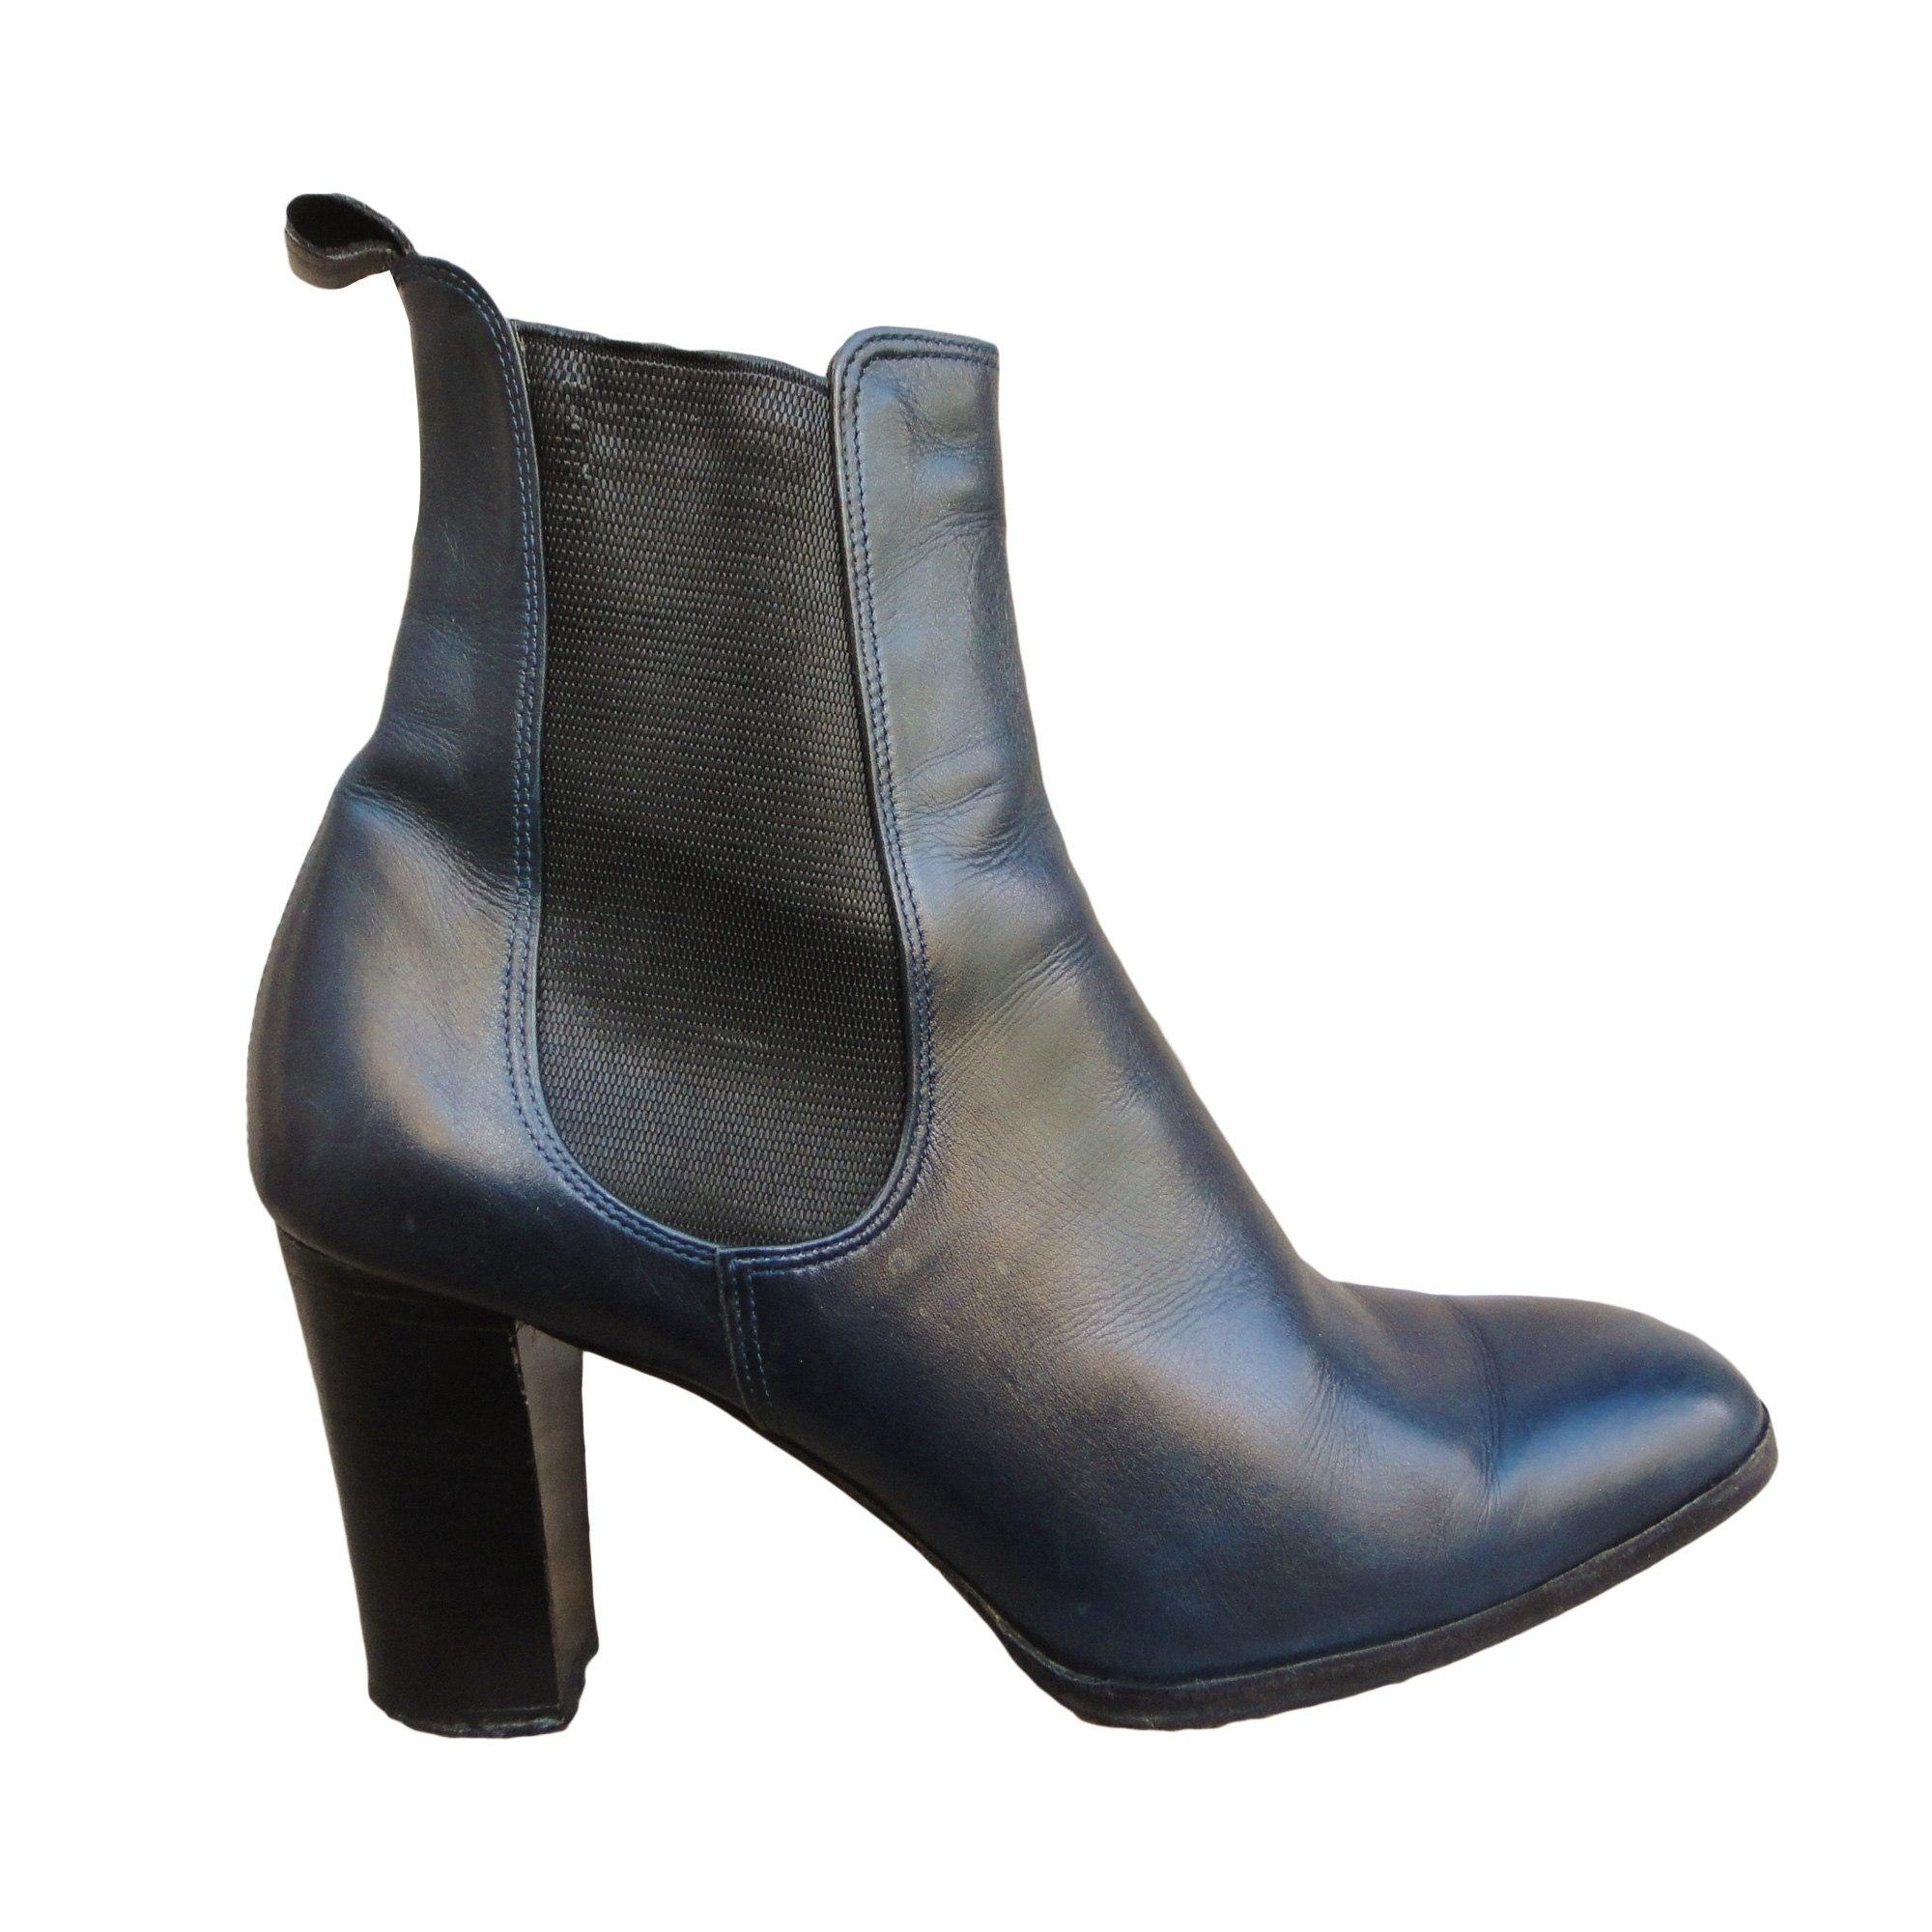 Bleu Boots Colisee À amp; Low Par Bottines 37 Sacha Talons Vendu De 5 xqBRvnX